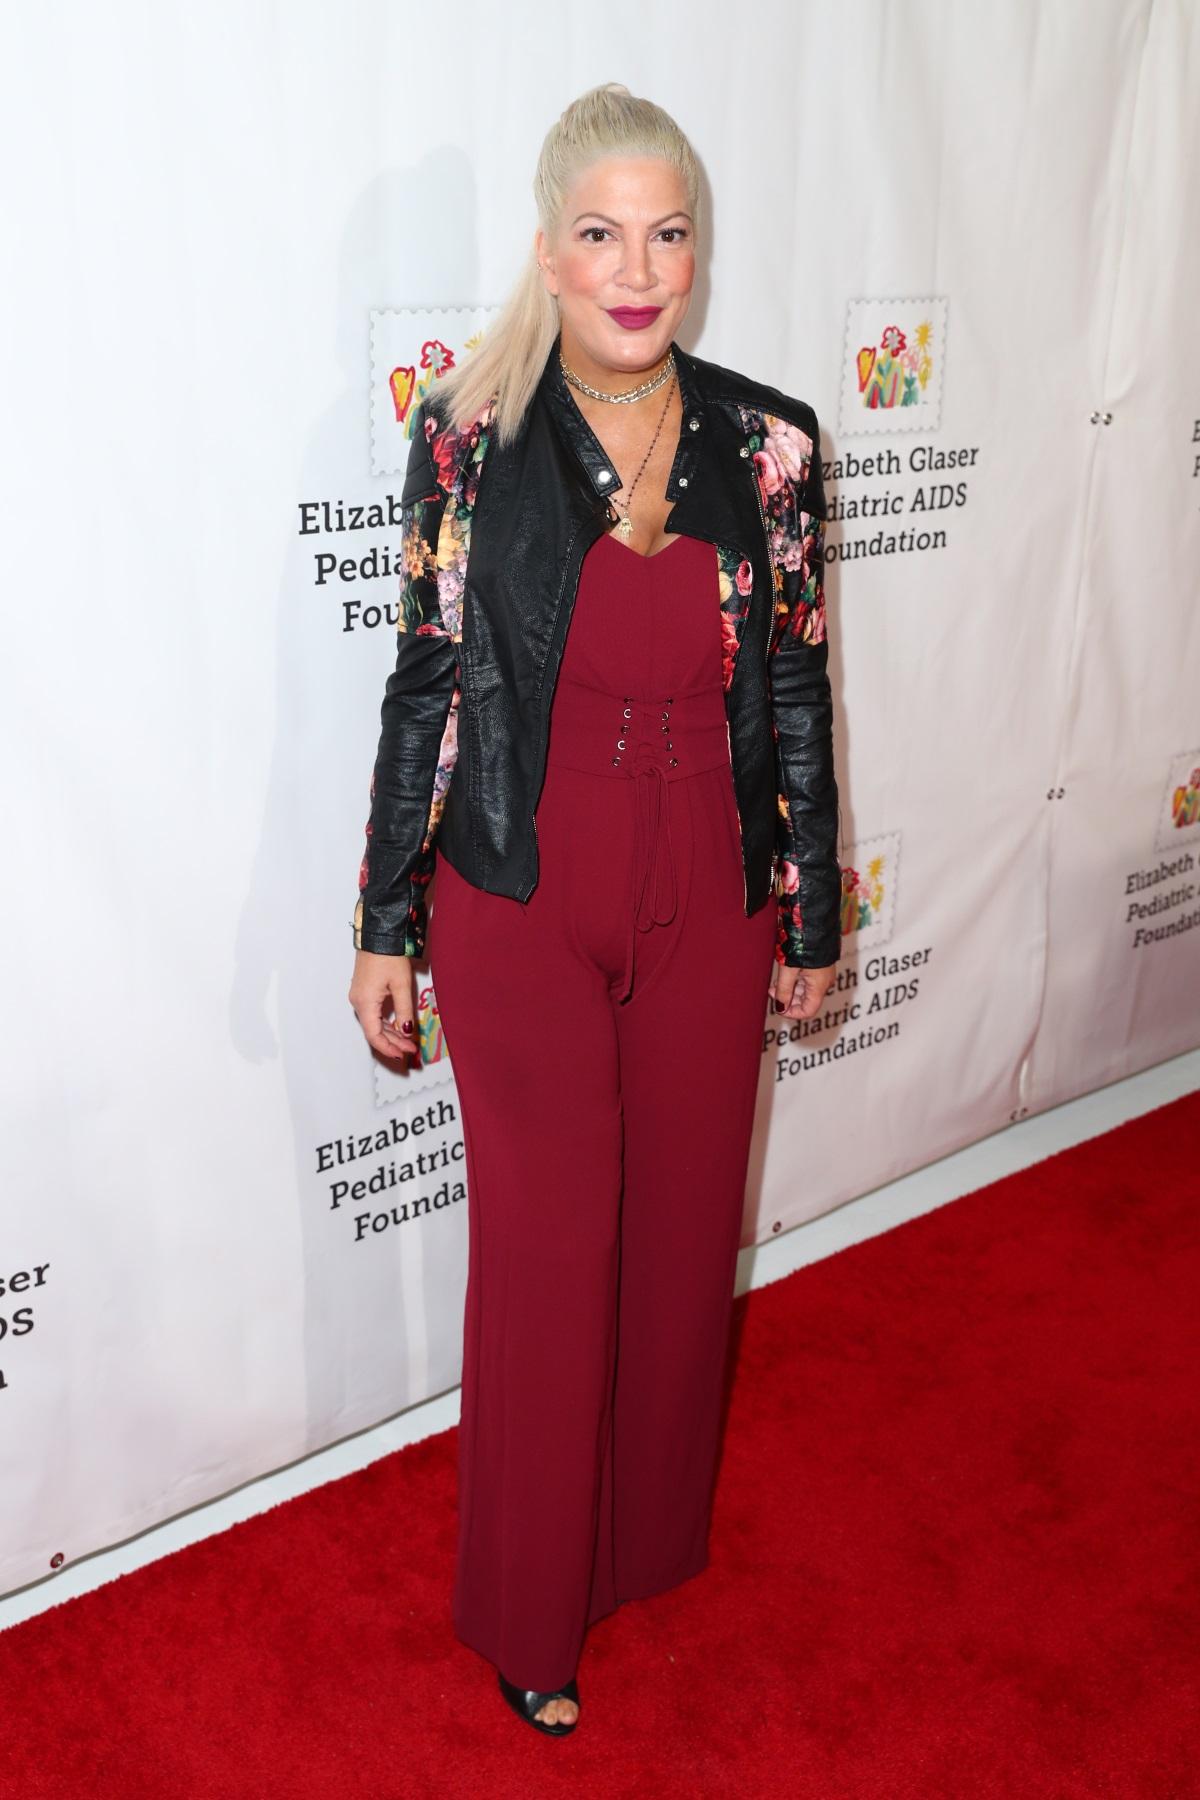 """Тори Спелинг - актрисата, която е майка на 5 деца, уголемява бюста си, когато е малко над 20 г. """"Ако знаех, че това ще попречи на кърменето ми след години, никога нямаше да го направя"""", коментира Спелинг. През 2014 г. тя отстранява имплантите си и споделя за това в телевизионното шоу """"Истинската Тори""""."""